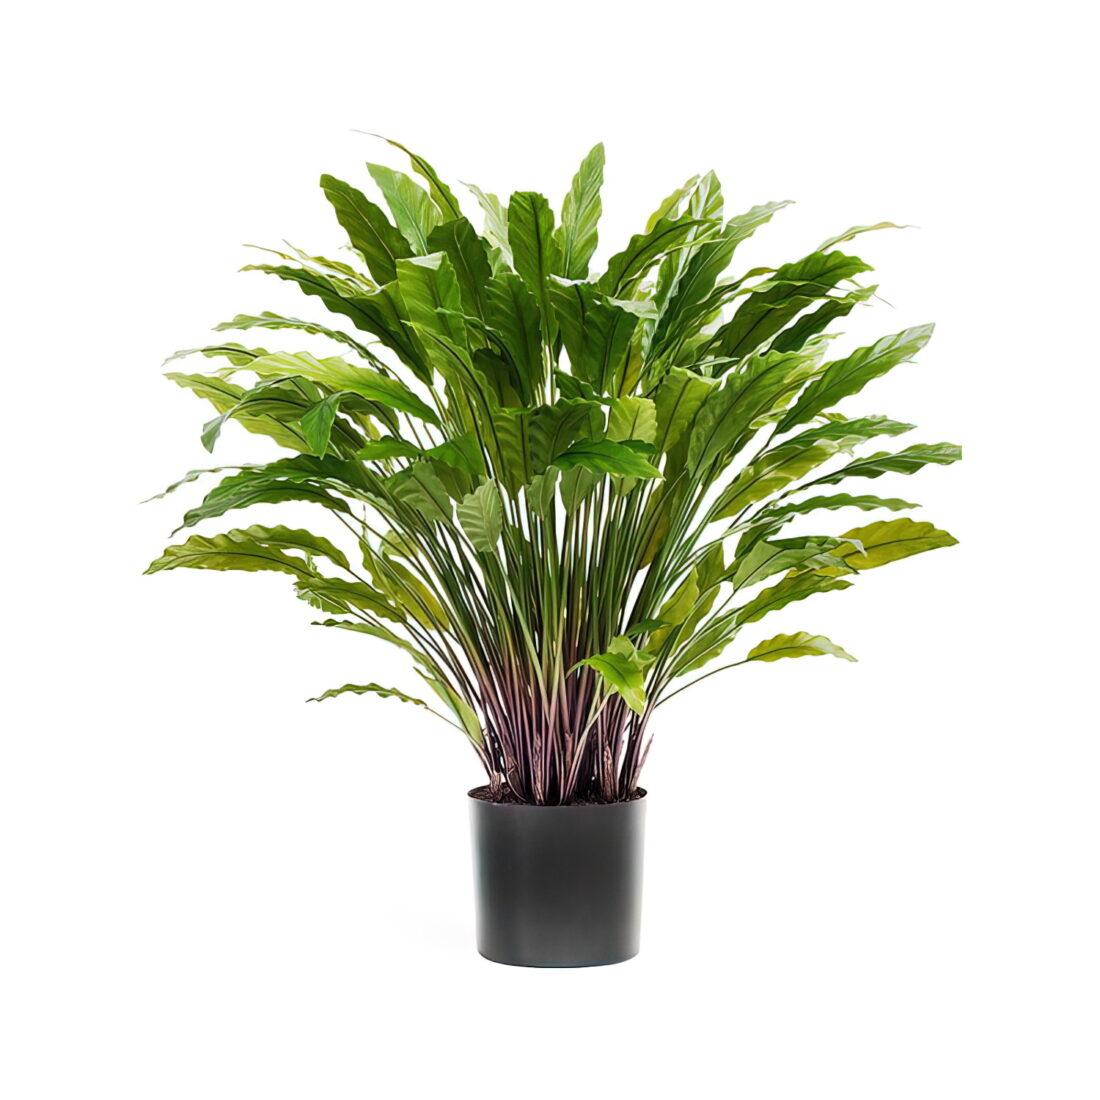 Искусственное растение Калатея зеленая, высота 85 см